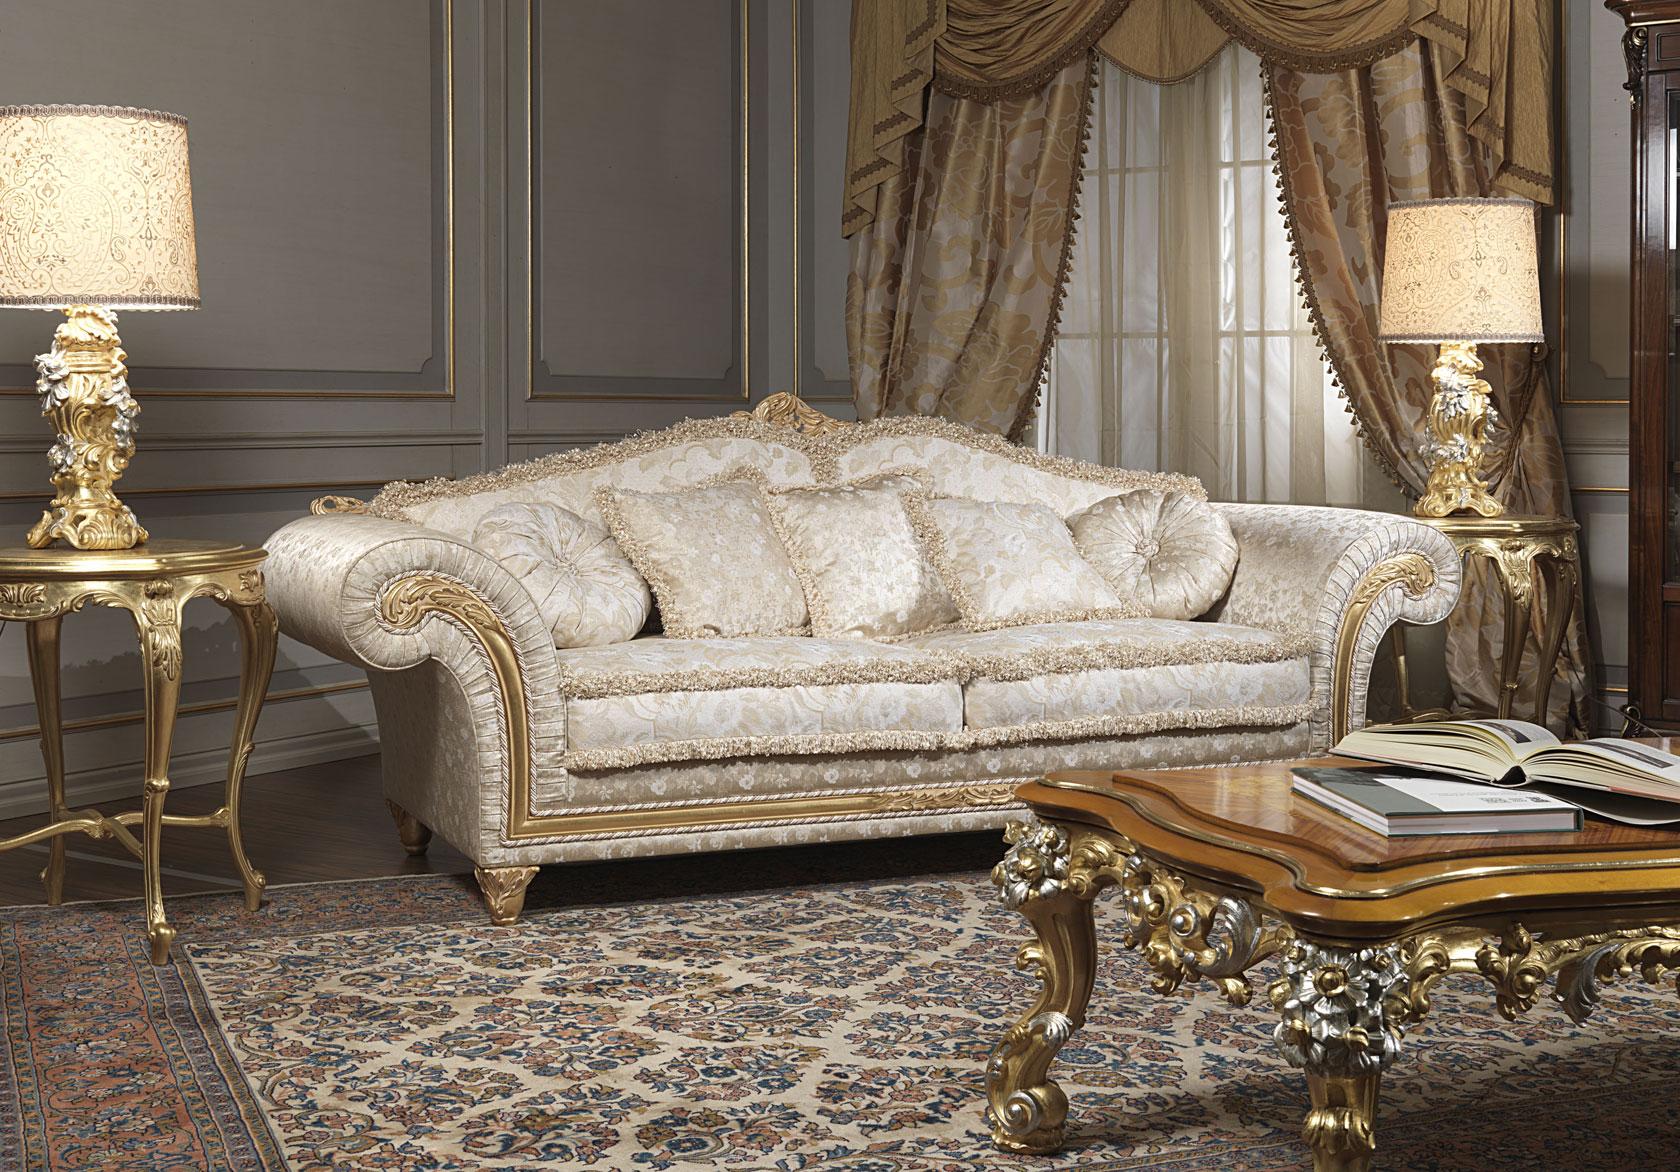 Divano classico imperial con tavolo intagliato vimercati for Divani di lusso